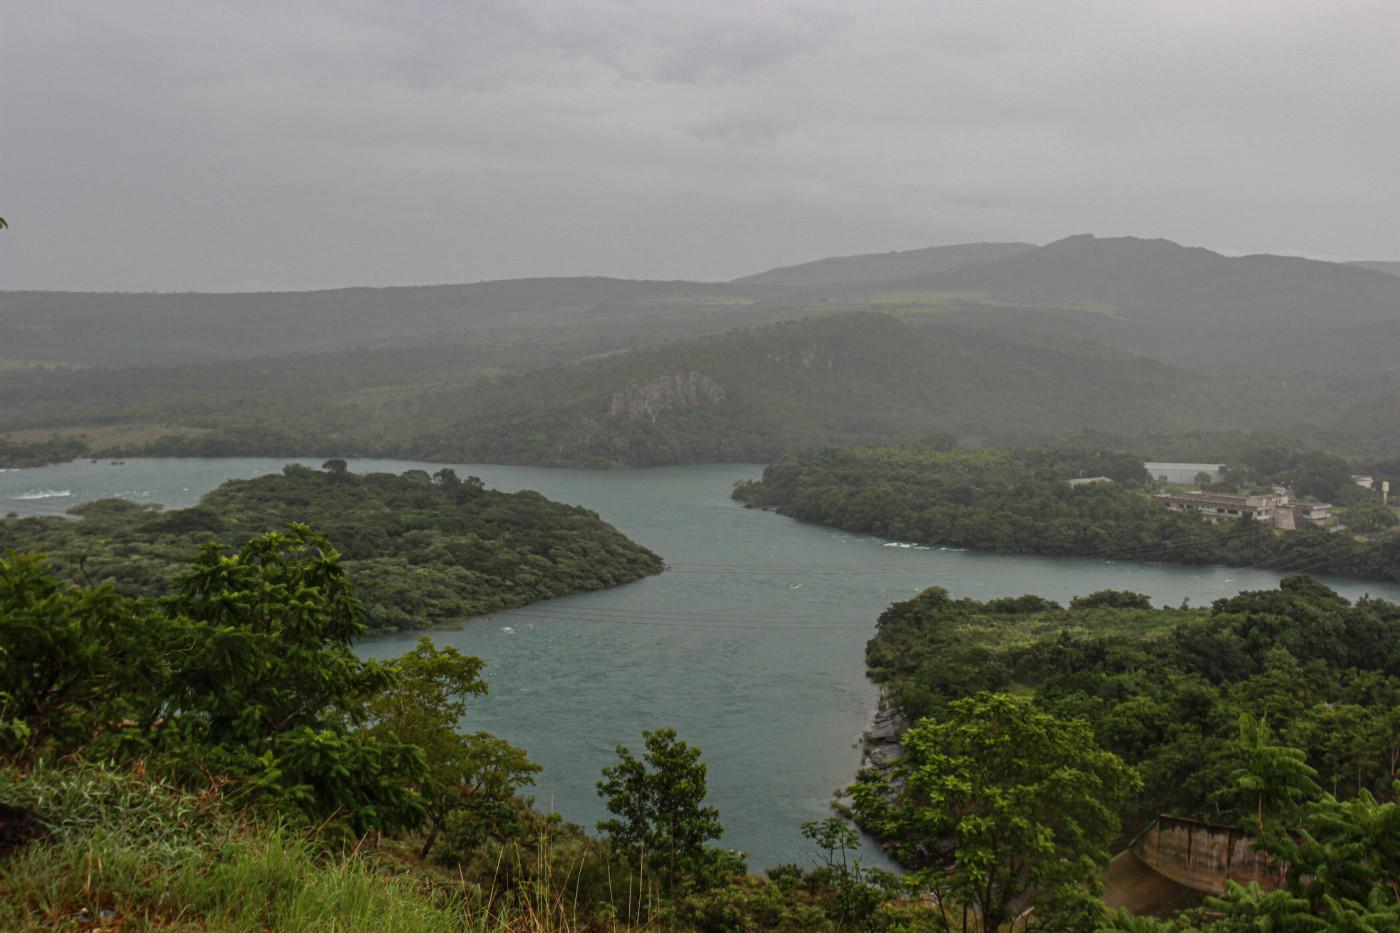 Vista da Represa de Furnas, que fica em Capitólio, em Minas Gerais